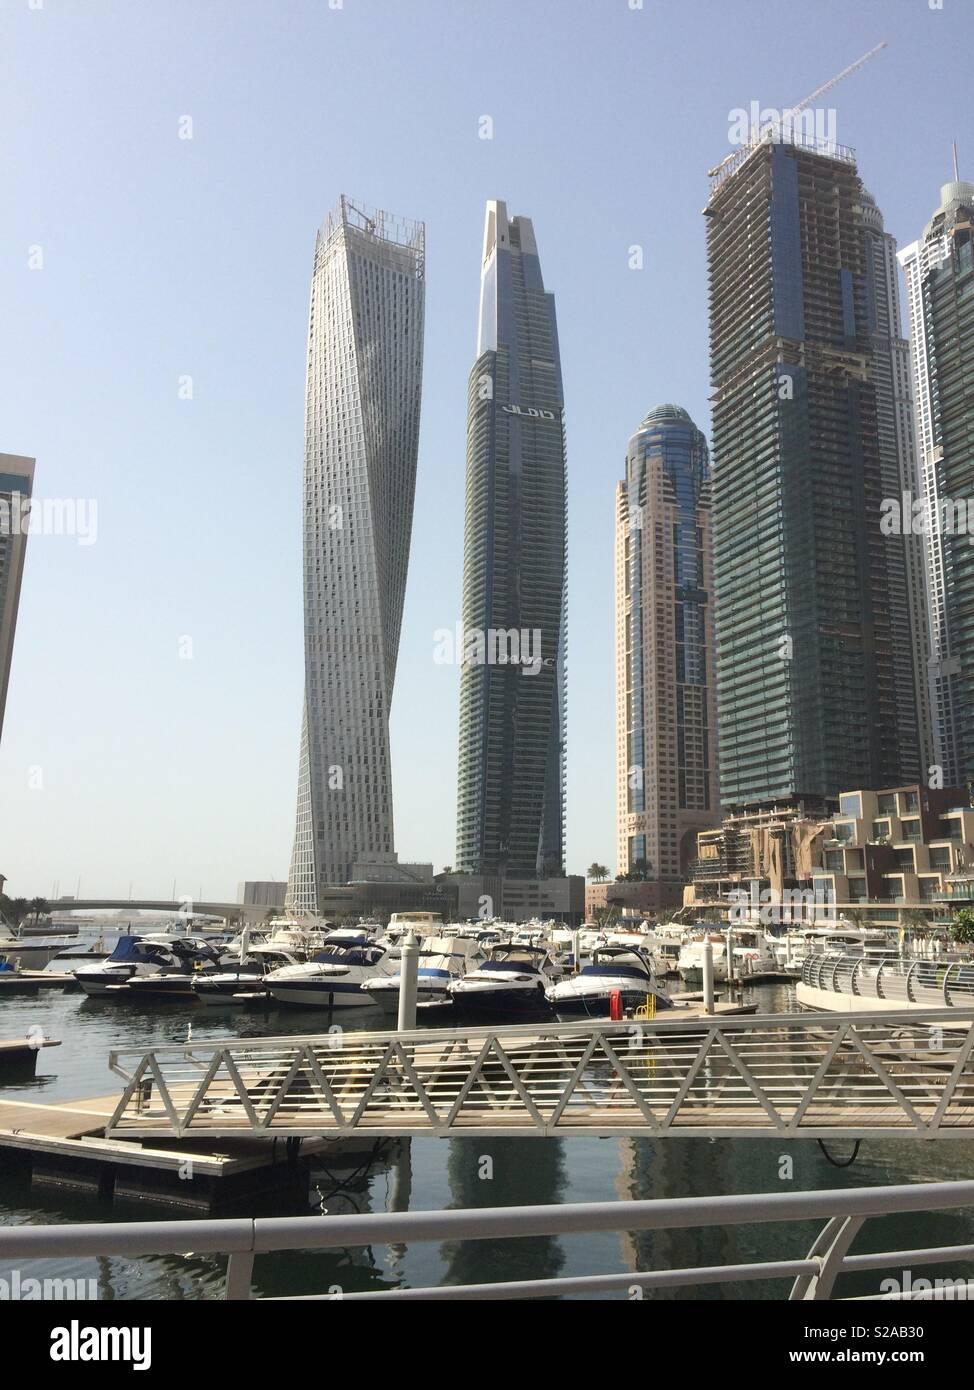 Cayan Tower at Dubai Marina - Stock Image